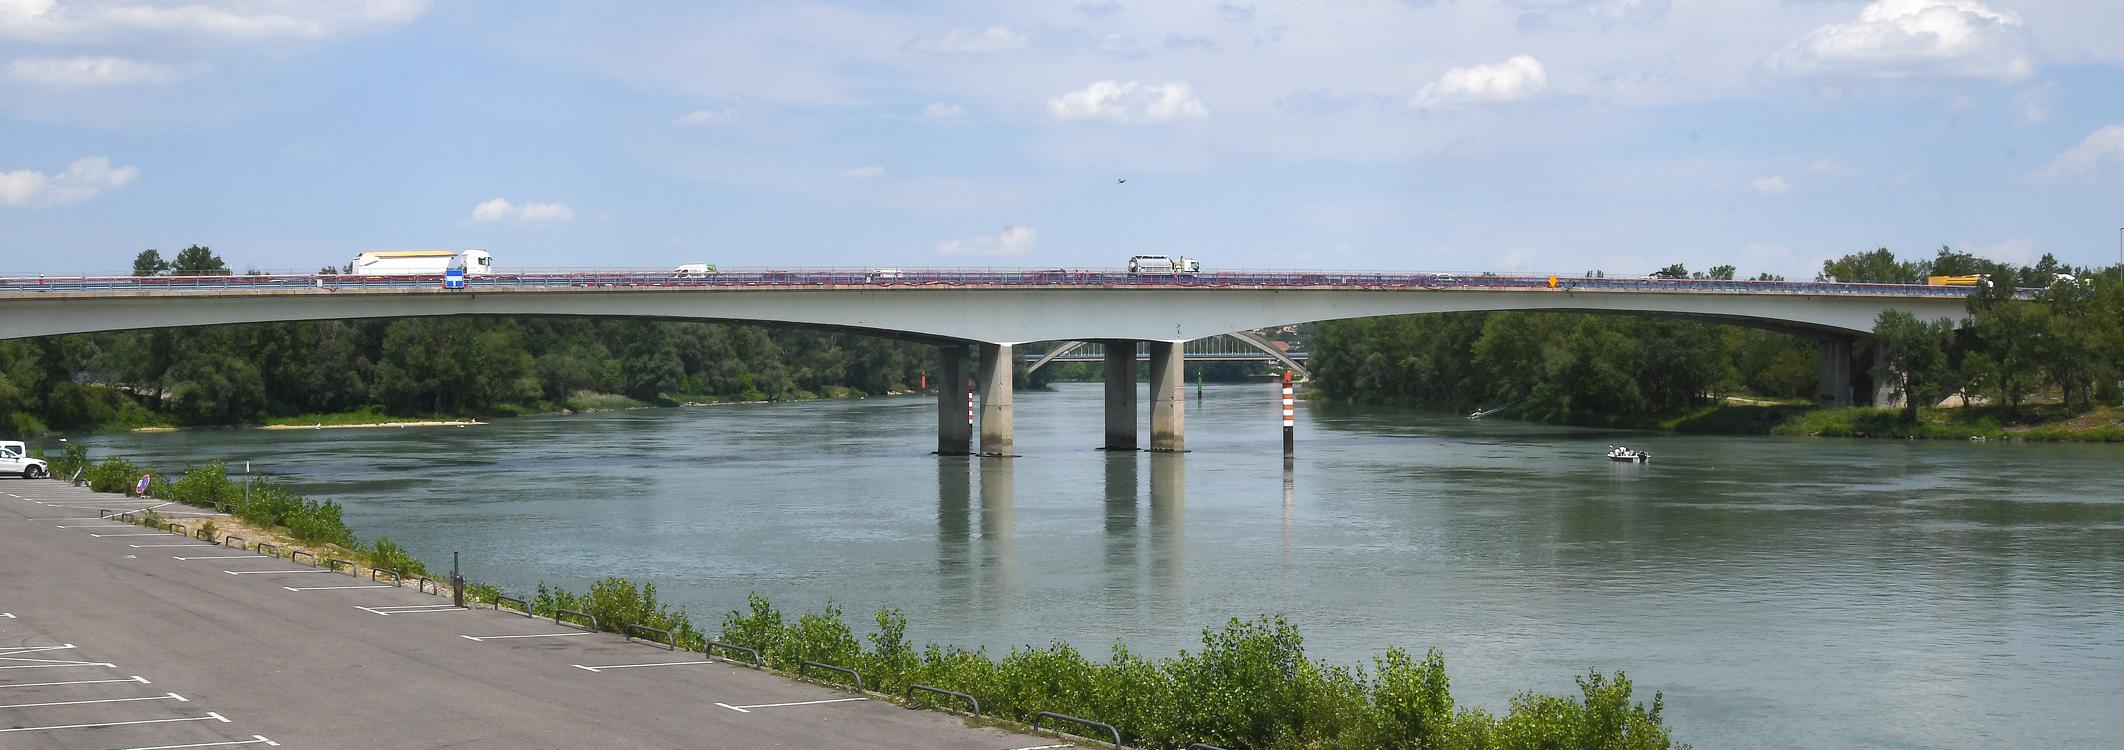 Slide Pont A47